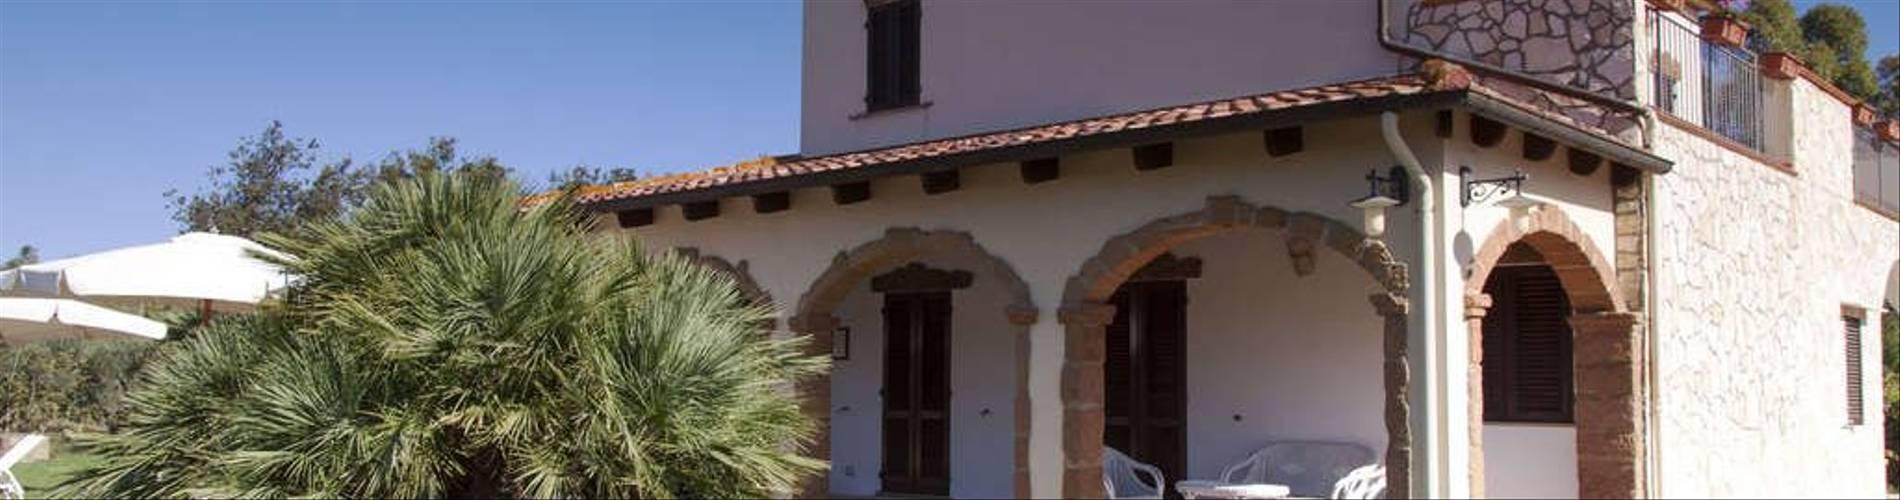 Villa Dell'Ulivo 8.jpg